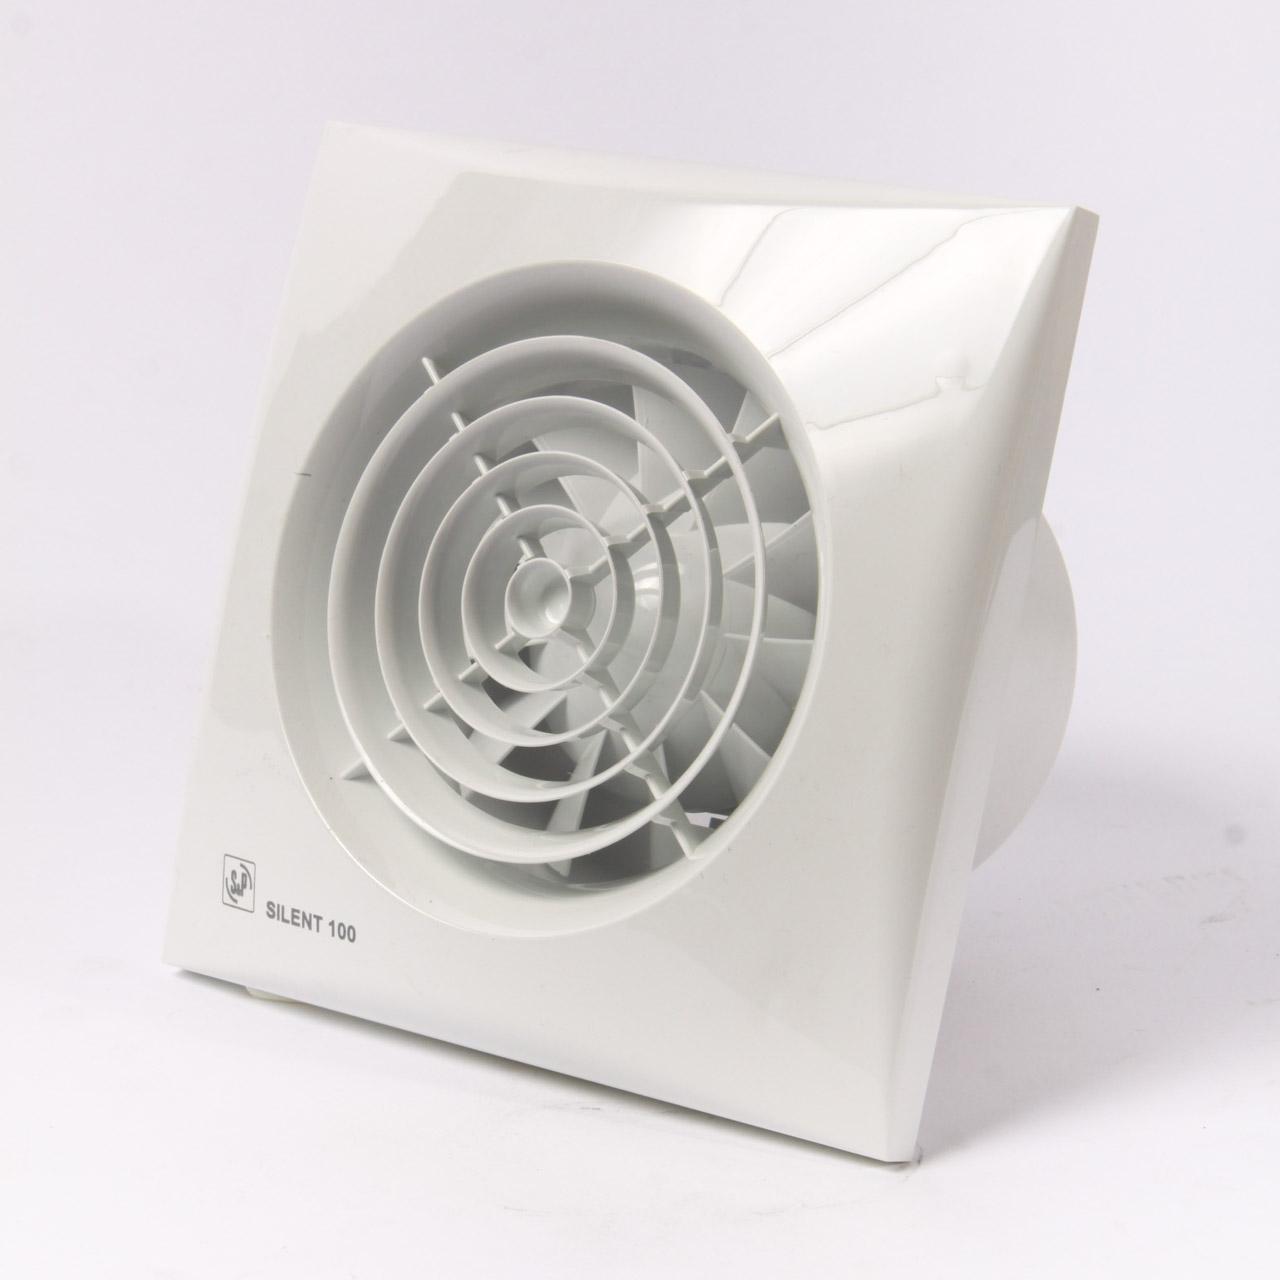 Вытяжной вентилятор с таймером для санузла